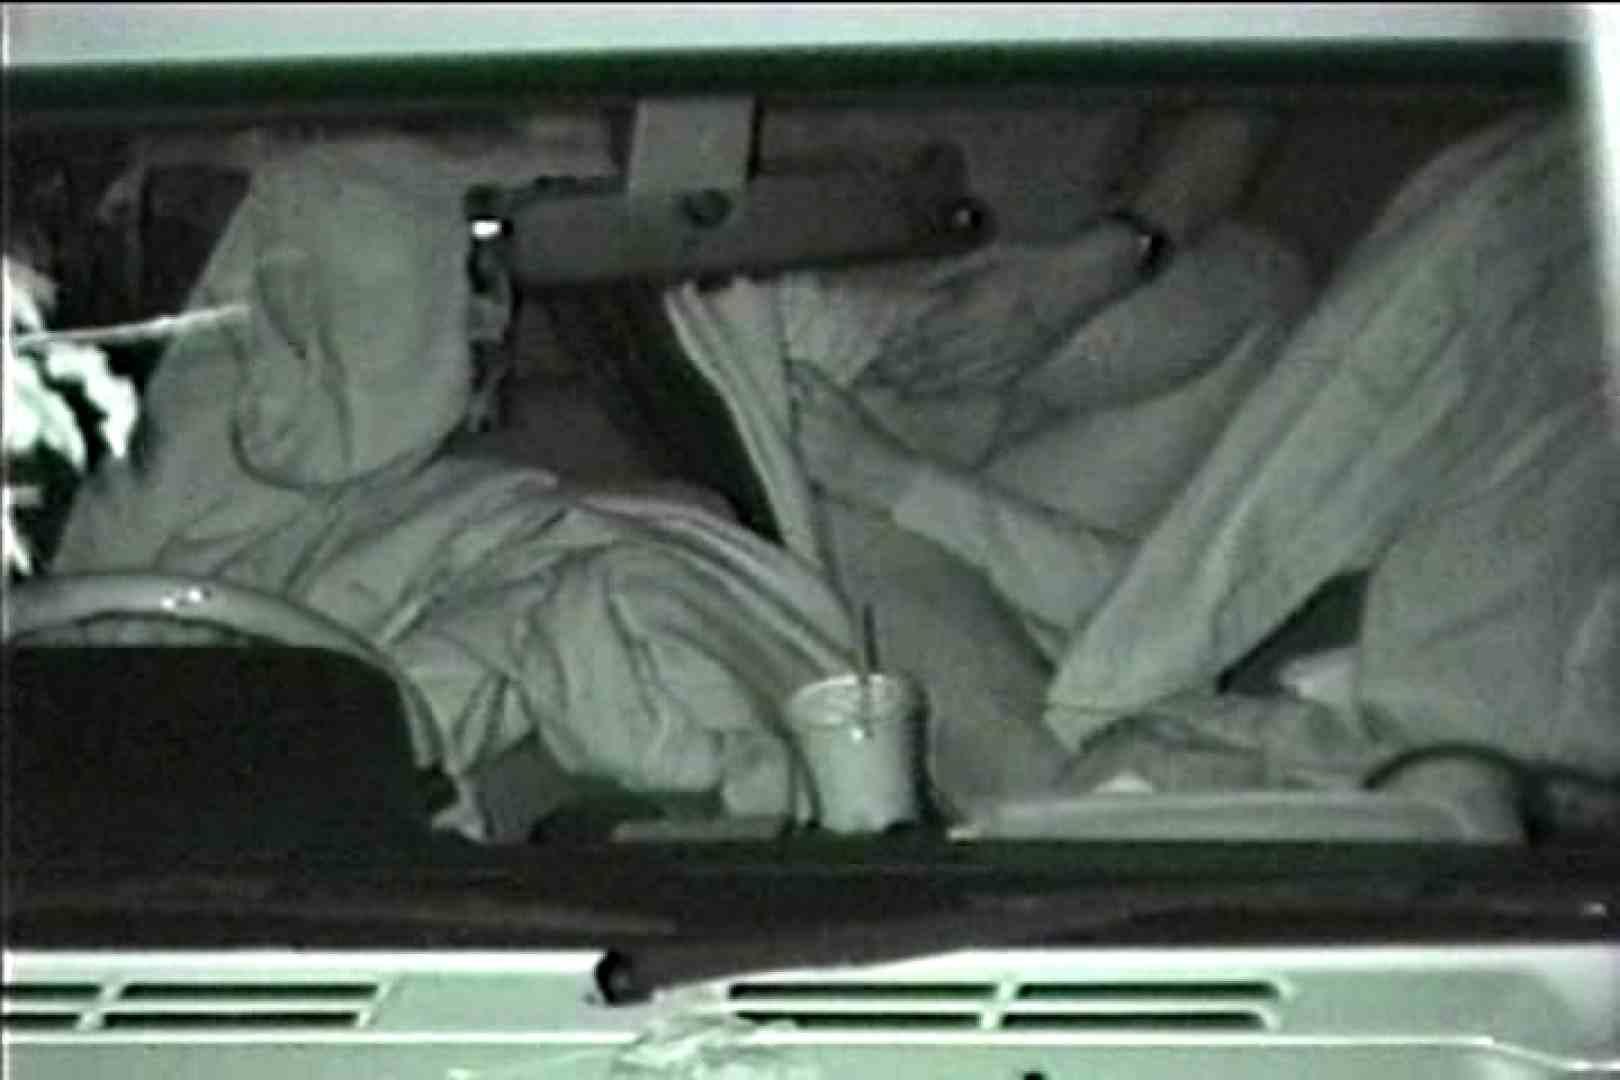 車の中はラブホテル 無修正版  Vol.7 カーセックス 盗撮ヌード画像 96連発 22